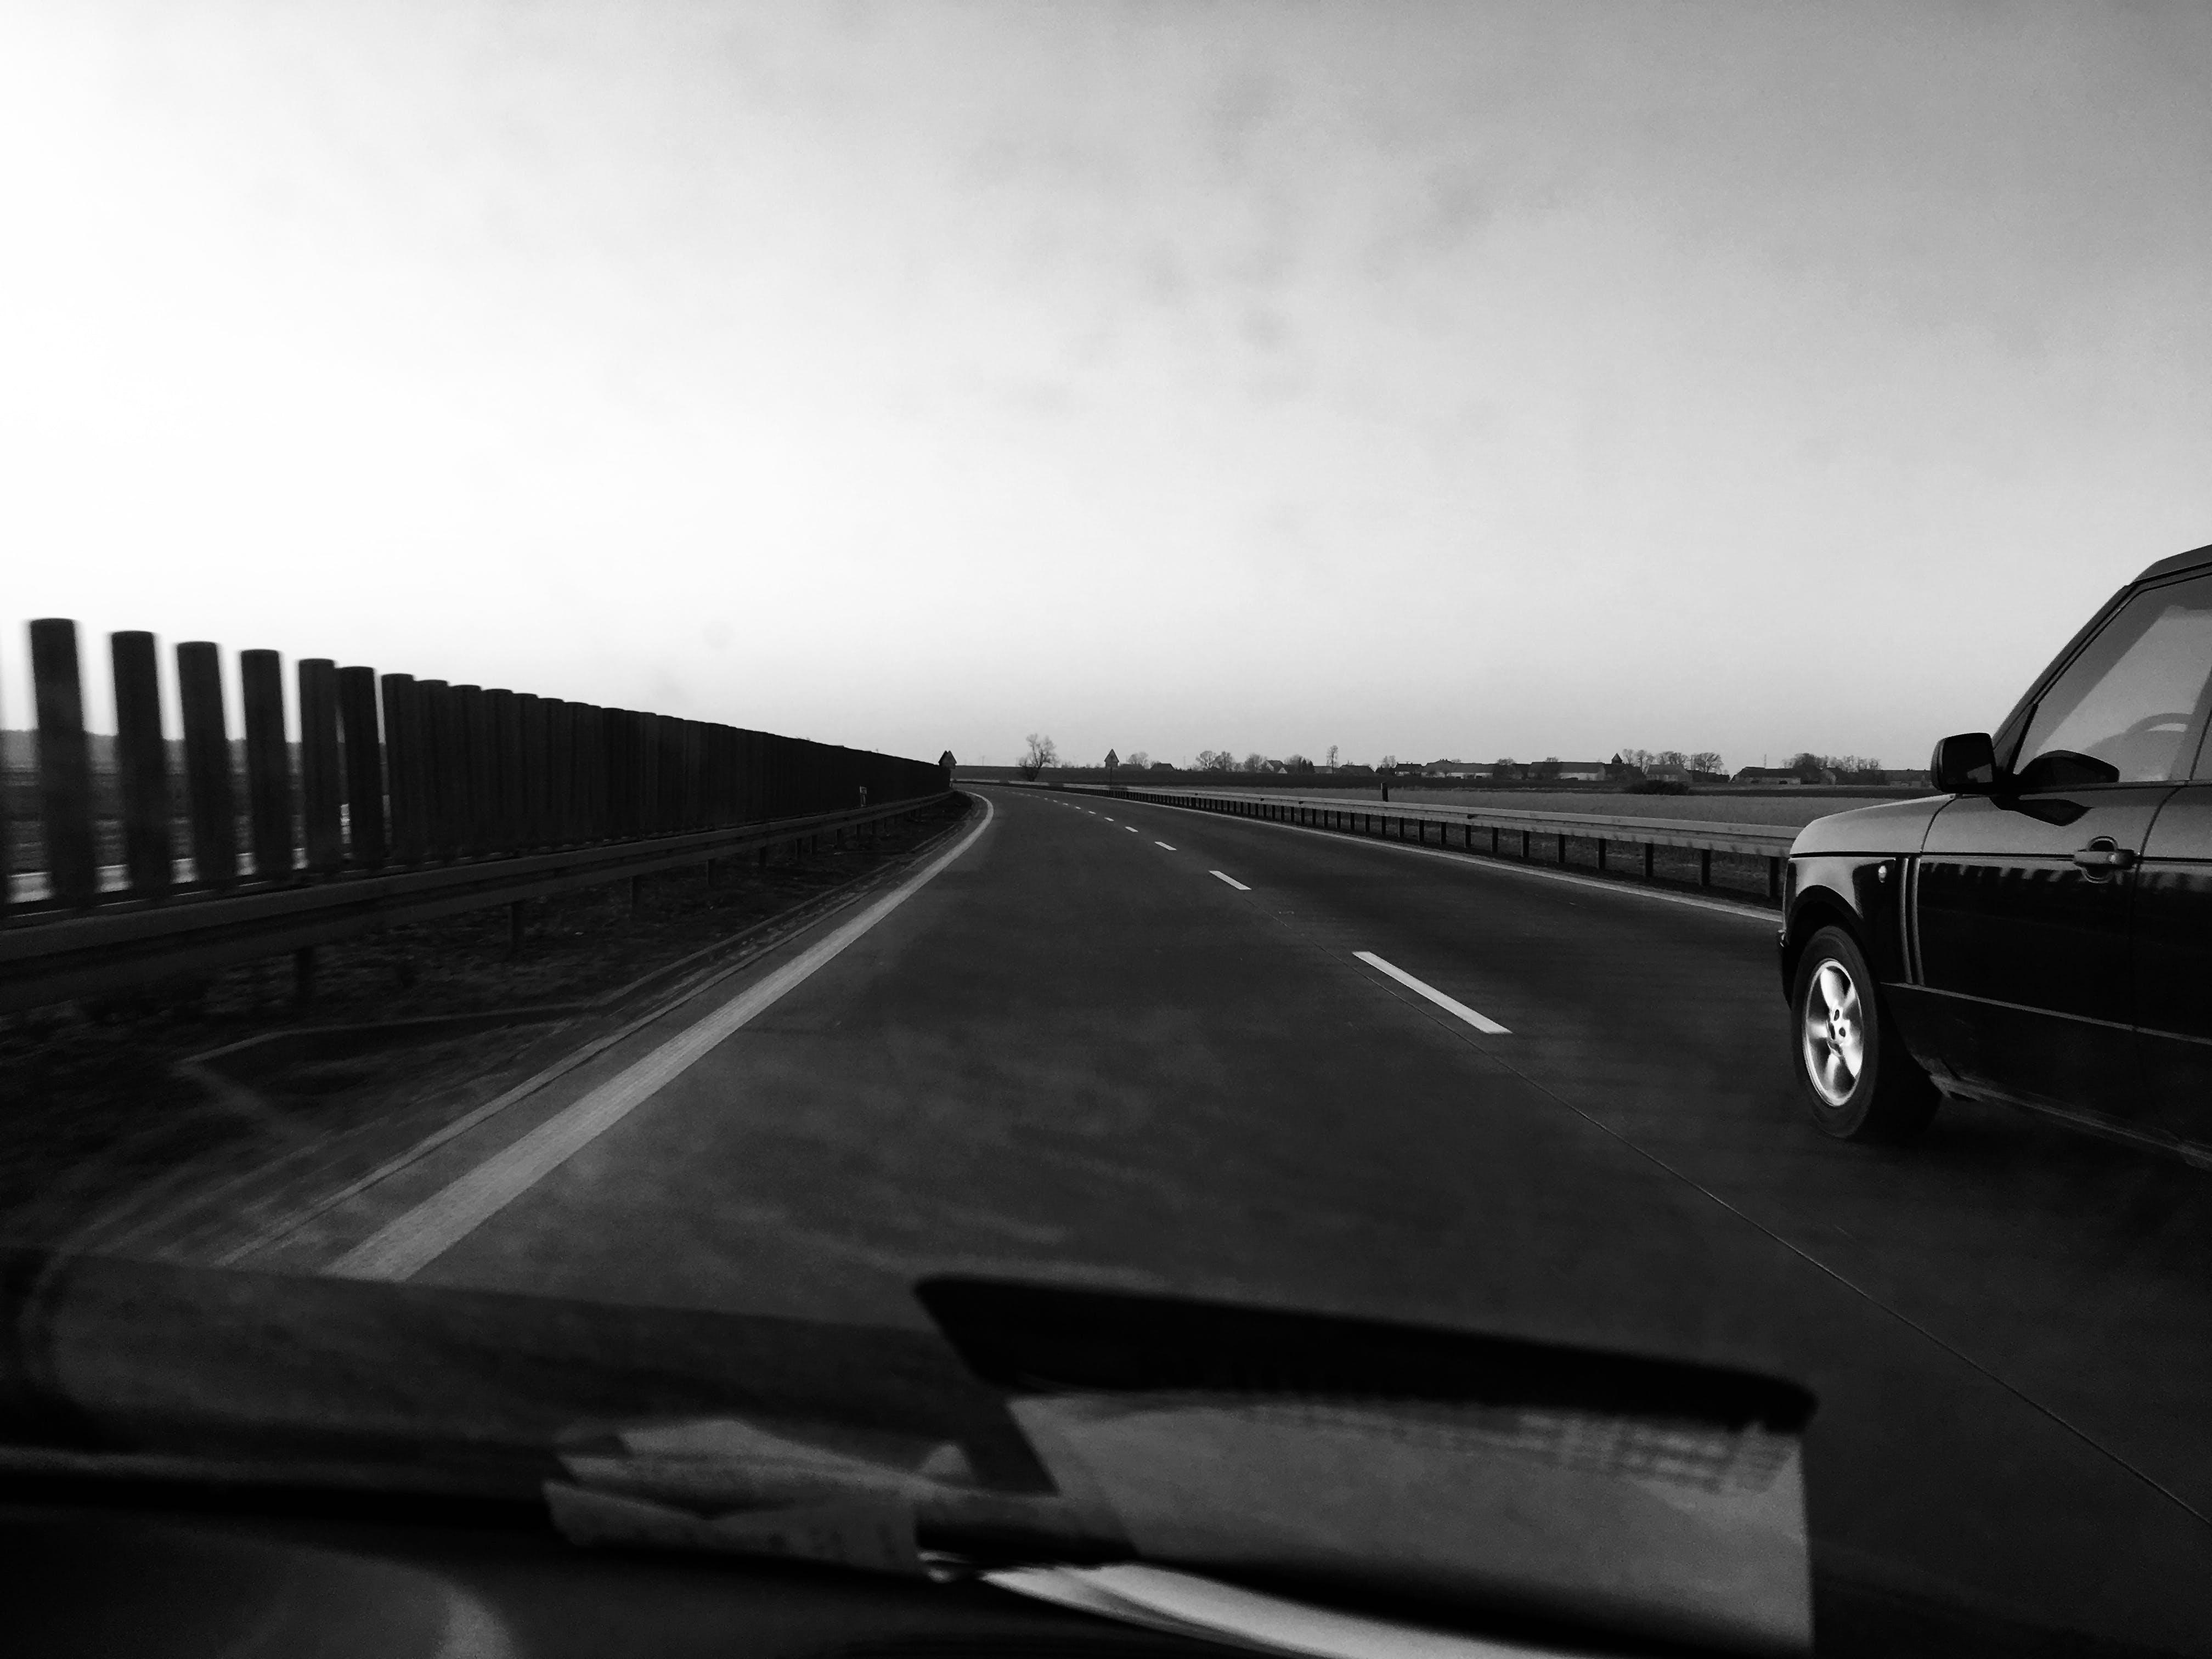 경치, 고속도로, 교통체계, 도로의 무료 스톡 사진